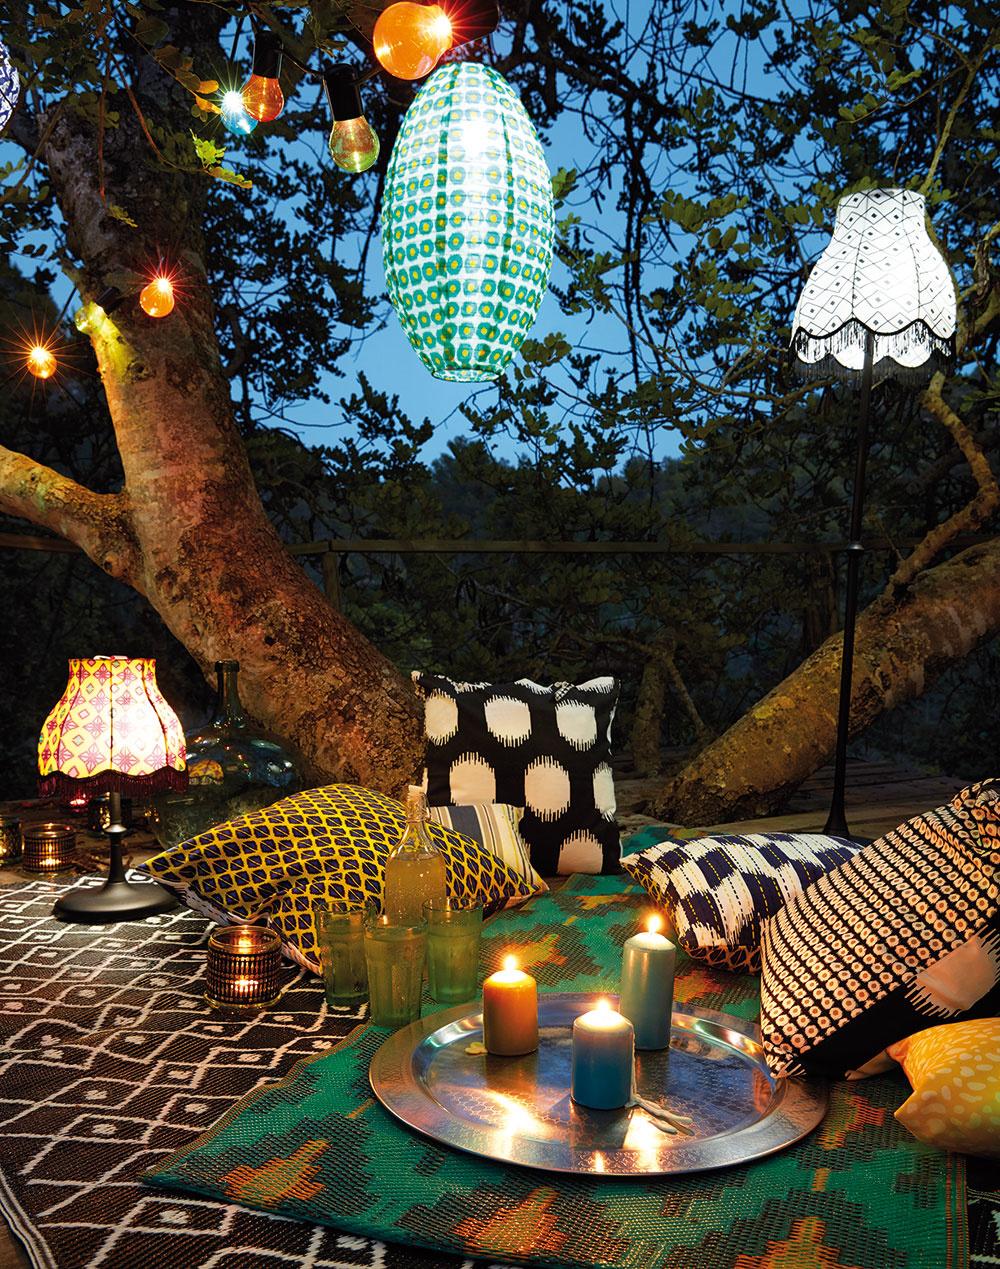 Najideálnejší piknik je pod stromom, pri svetlách lampiónov a sviečok a v mäkkom pohodlí miliónov vankúšov. Tisíc a jedna noc…